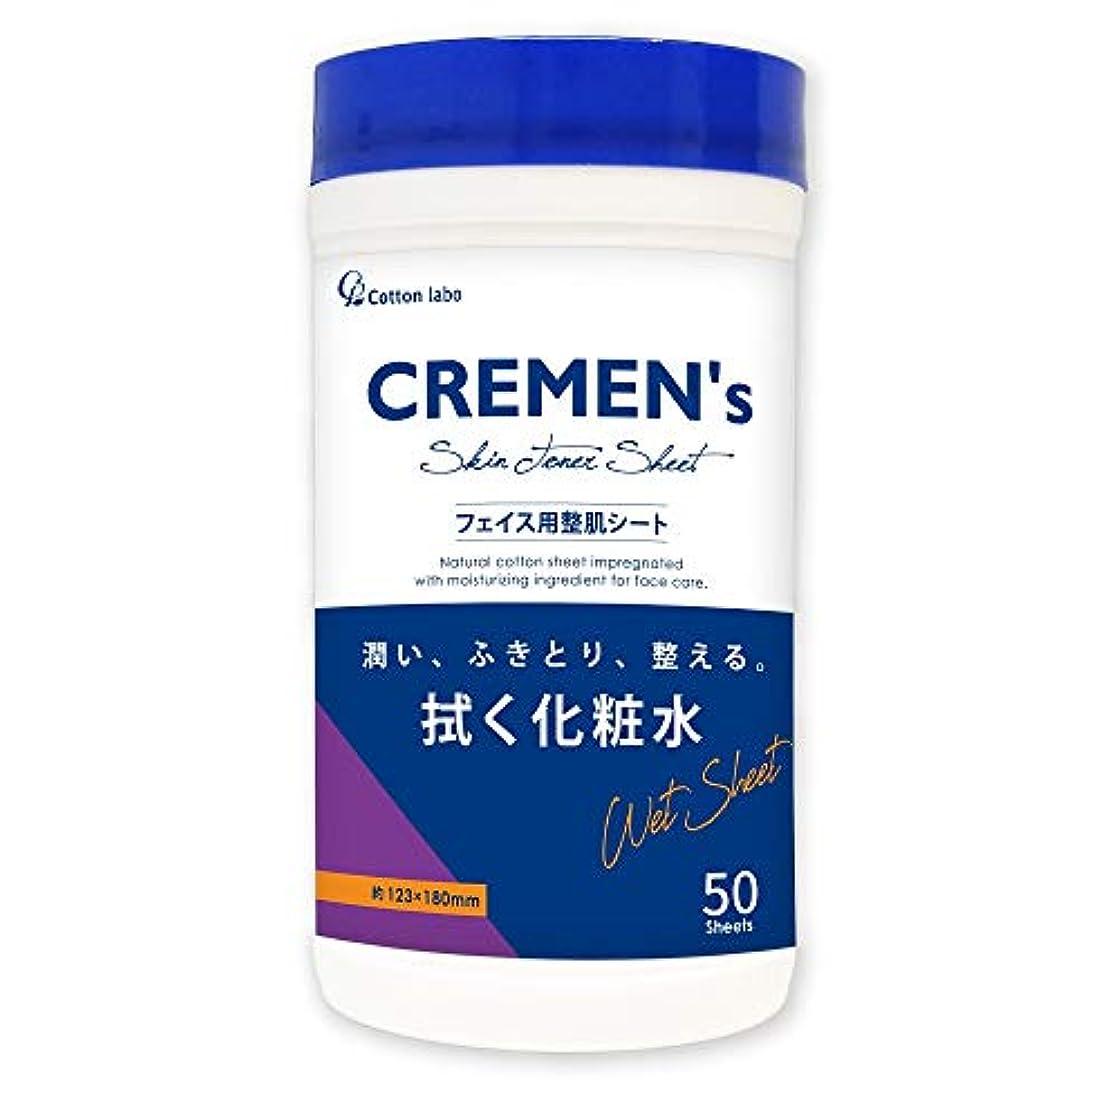 虫コントロール抗議CREMEN's(クレメンズ) フェイス用ふきとりシート スキントナーシート 50枚